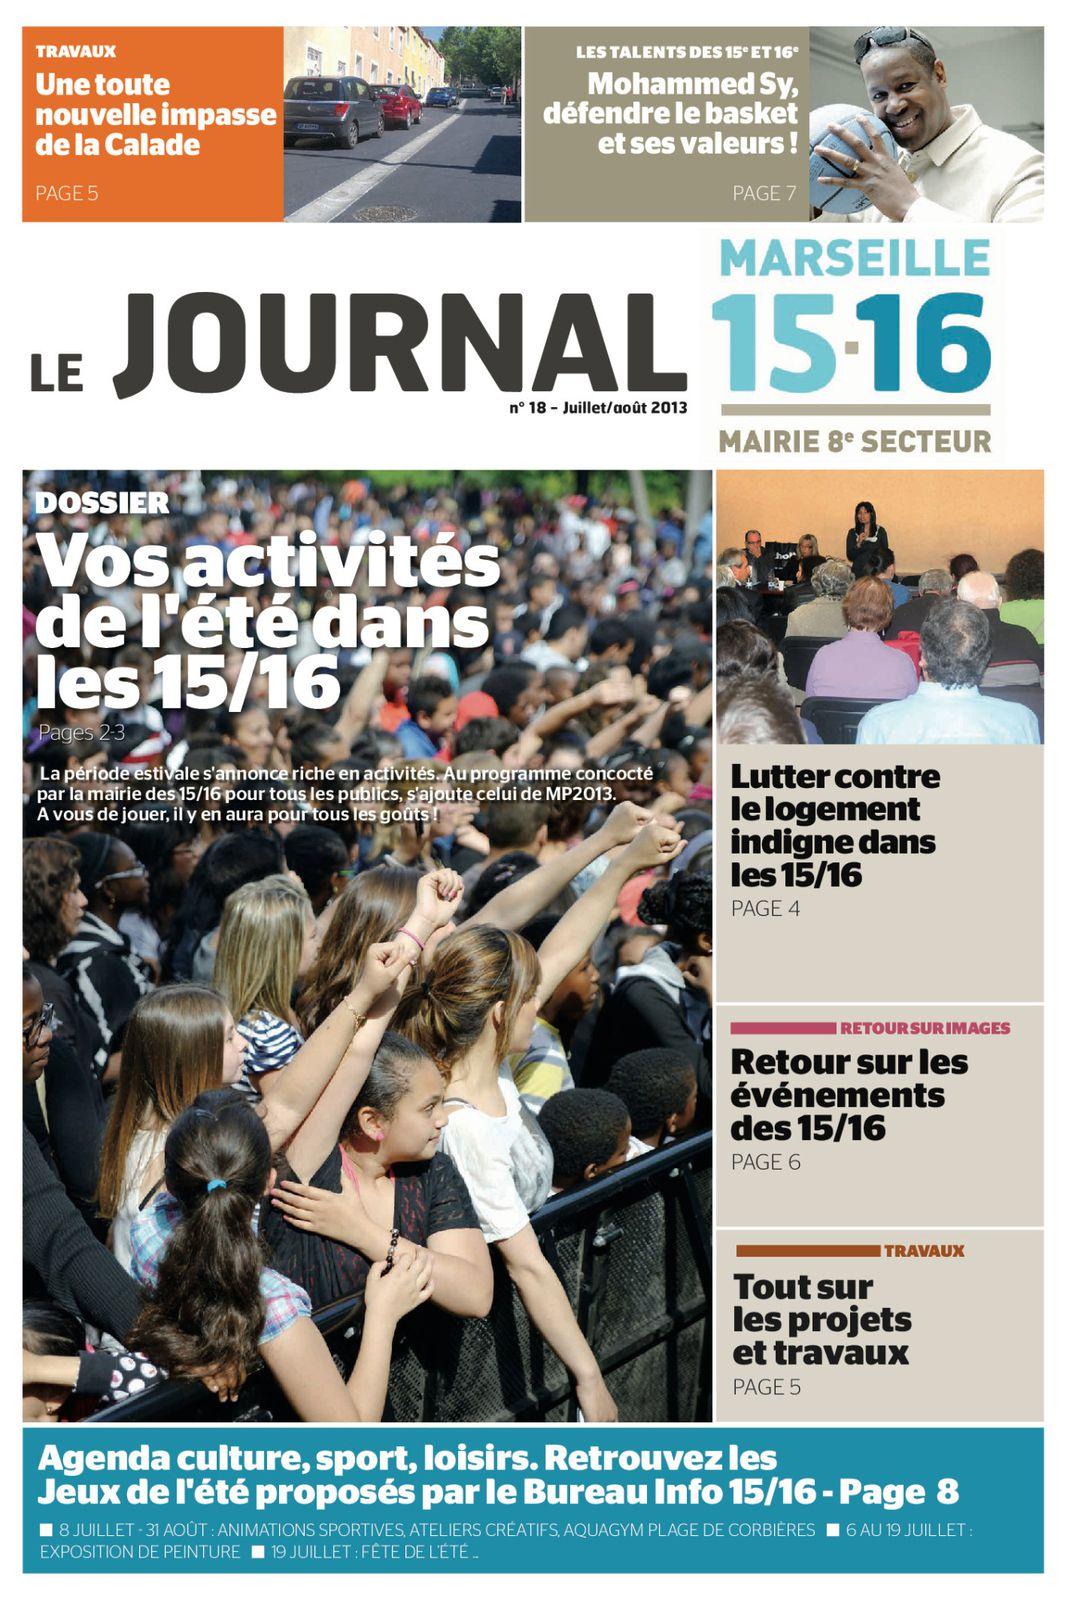 Le Journal du 15-16 Juillet Aout 2013